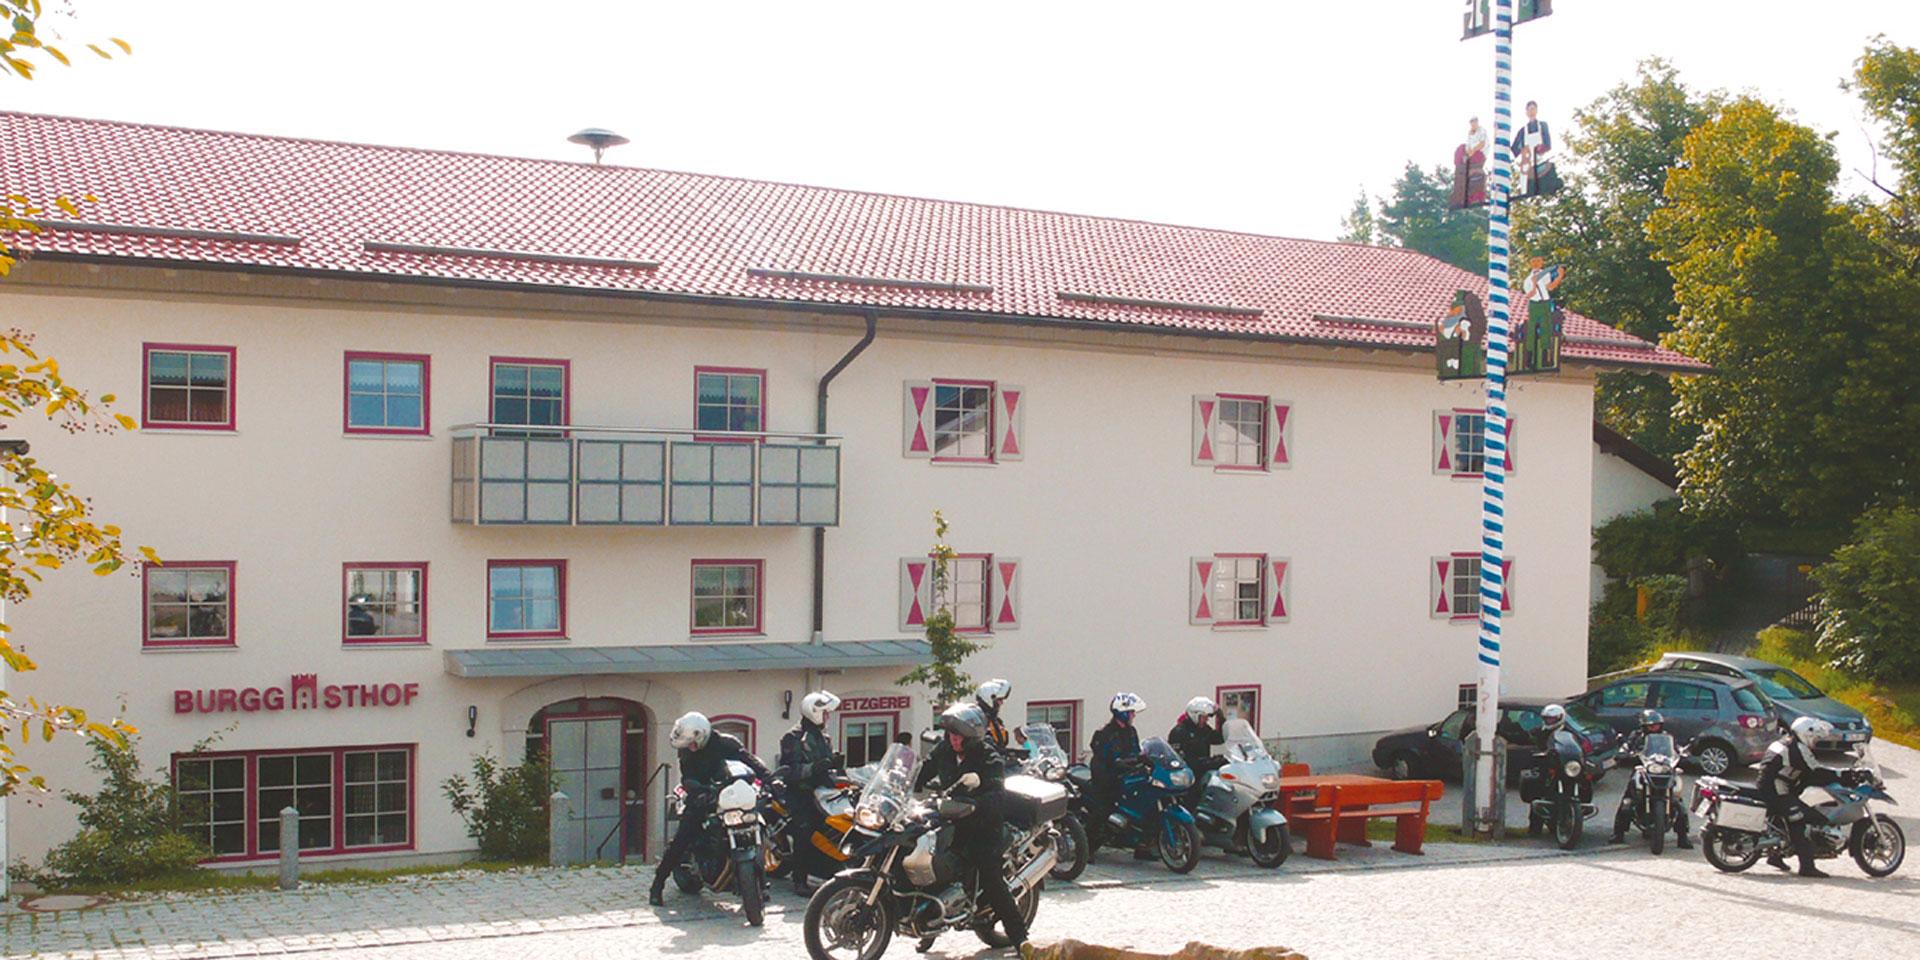 BgH_Motorrad3.jpg